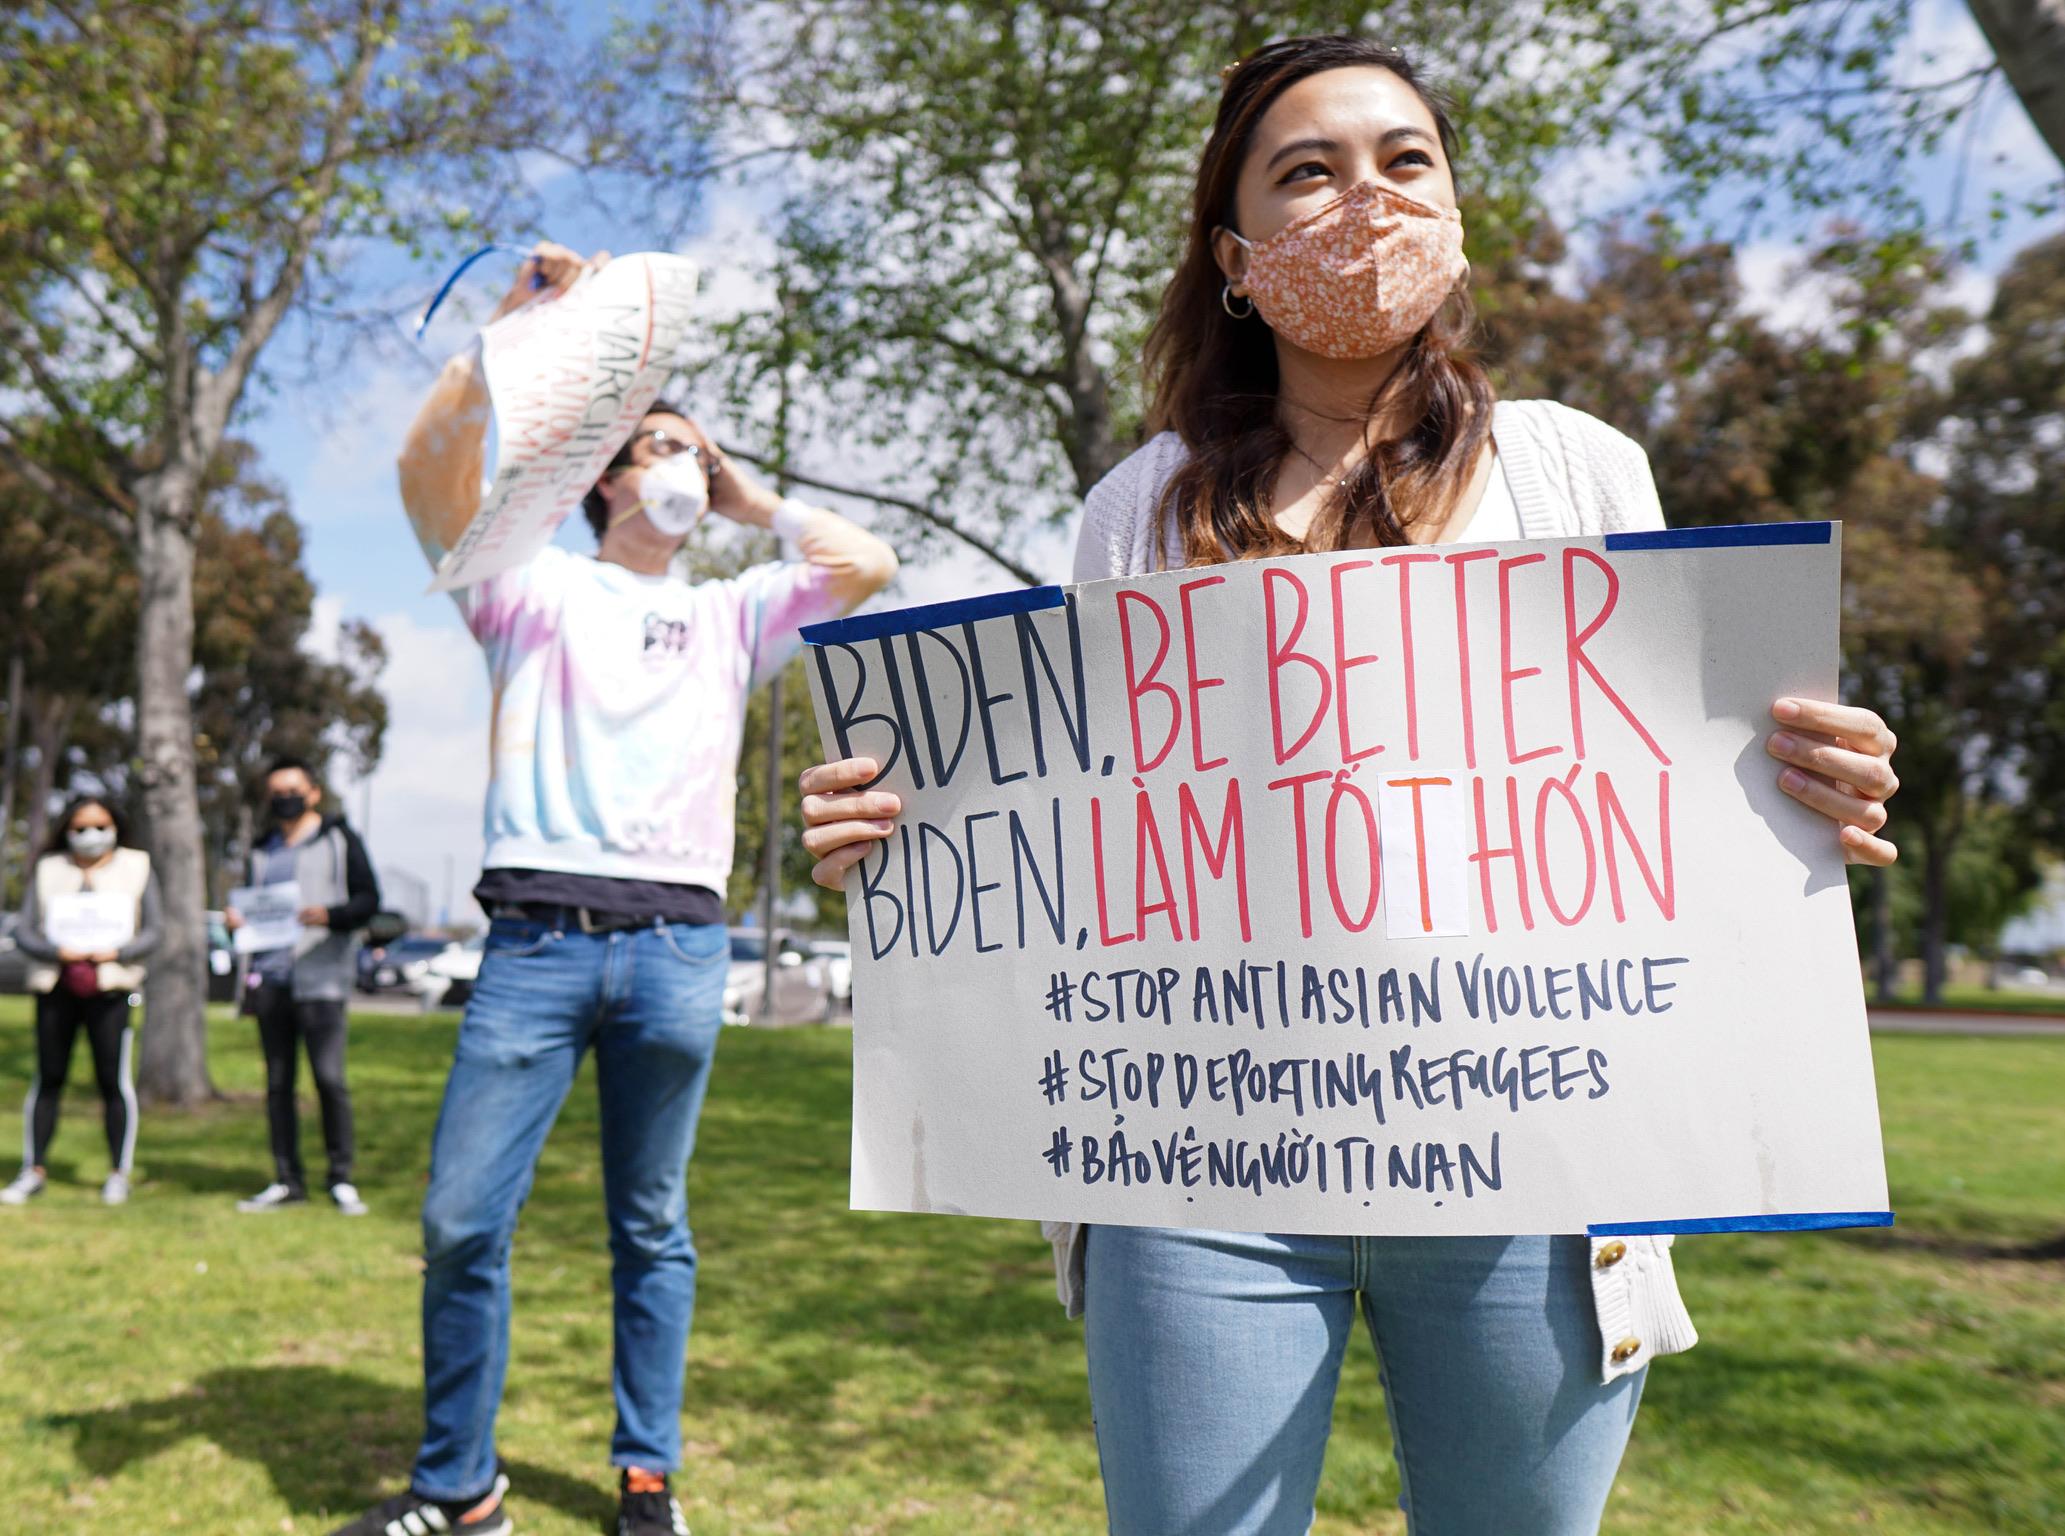 LA Times Op-Ed: Vietnamese refugees who've served prison time unjustly face deportation. That must change